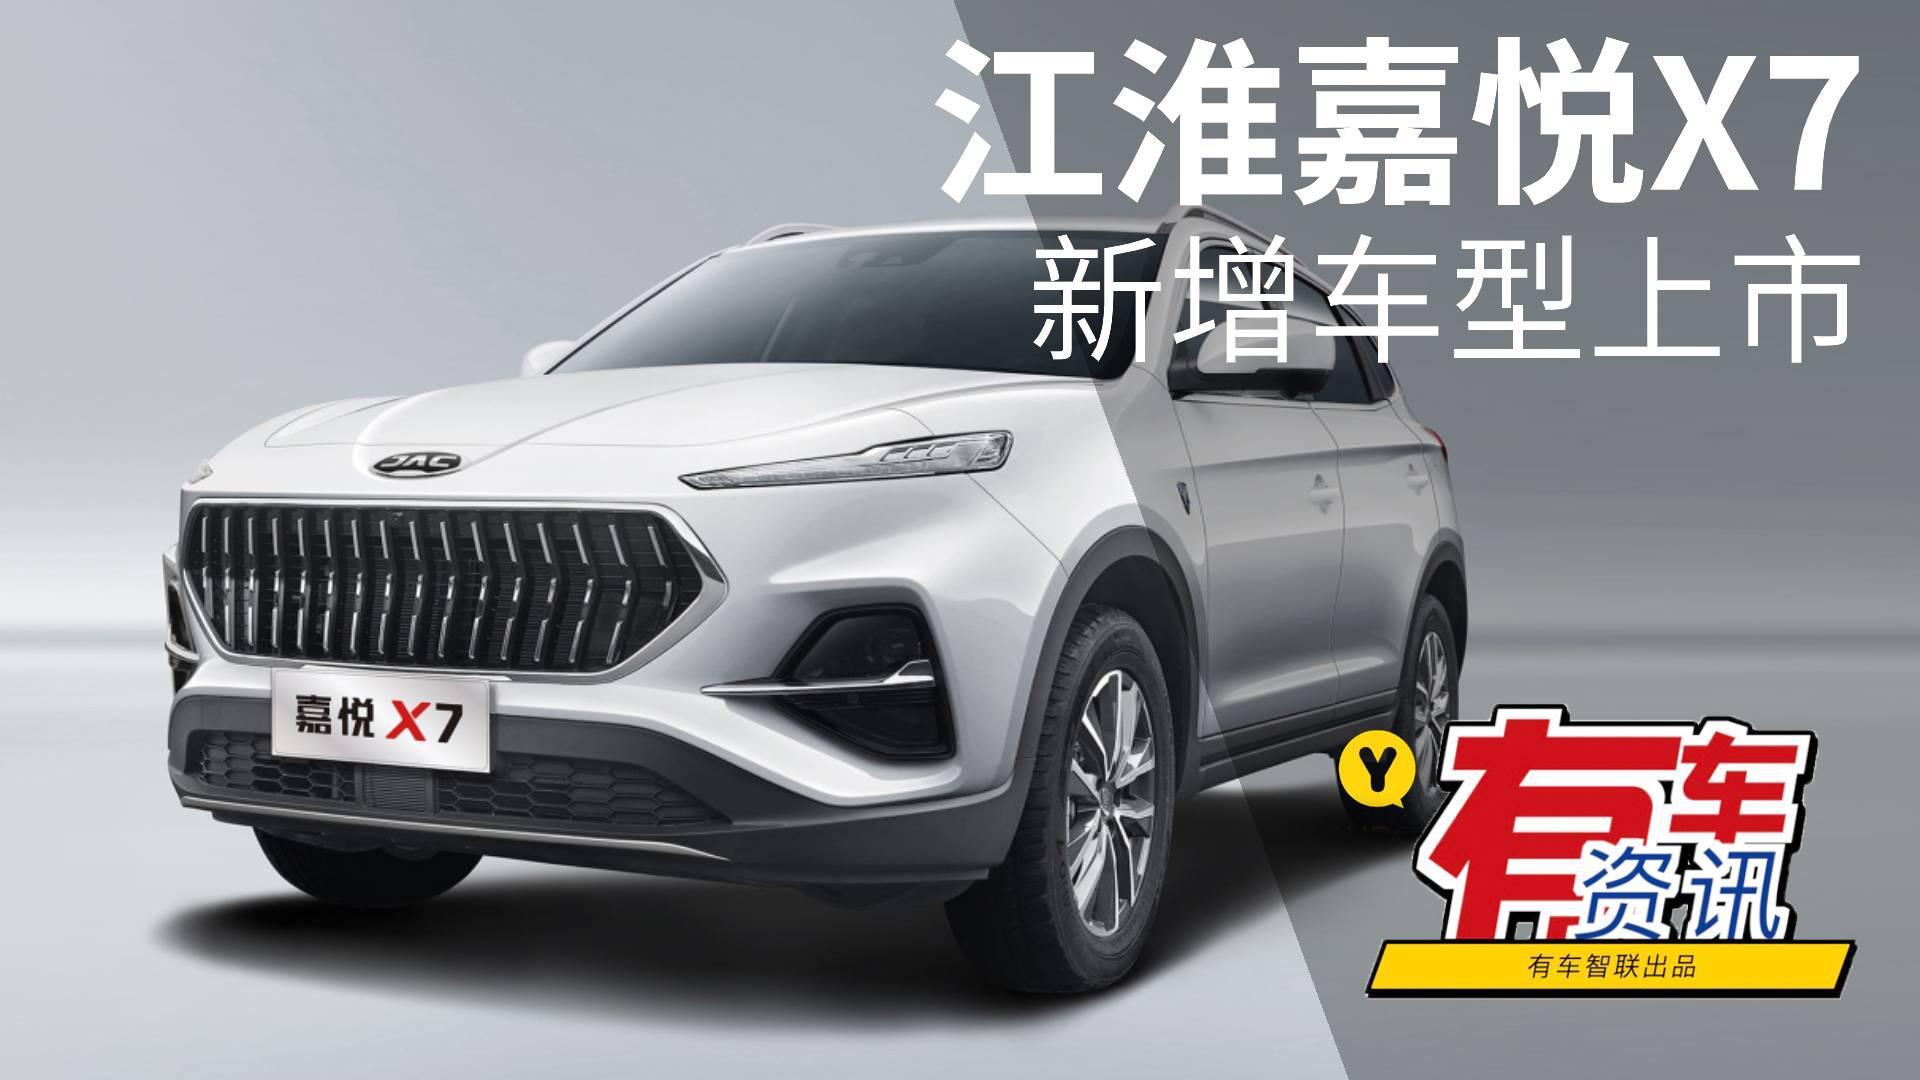 视频:搭1.5T动力 江淮嘉悦X7新增车型上市售10.28万元